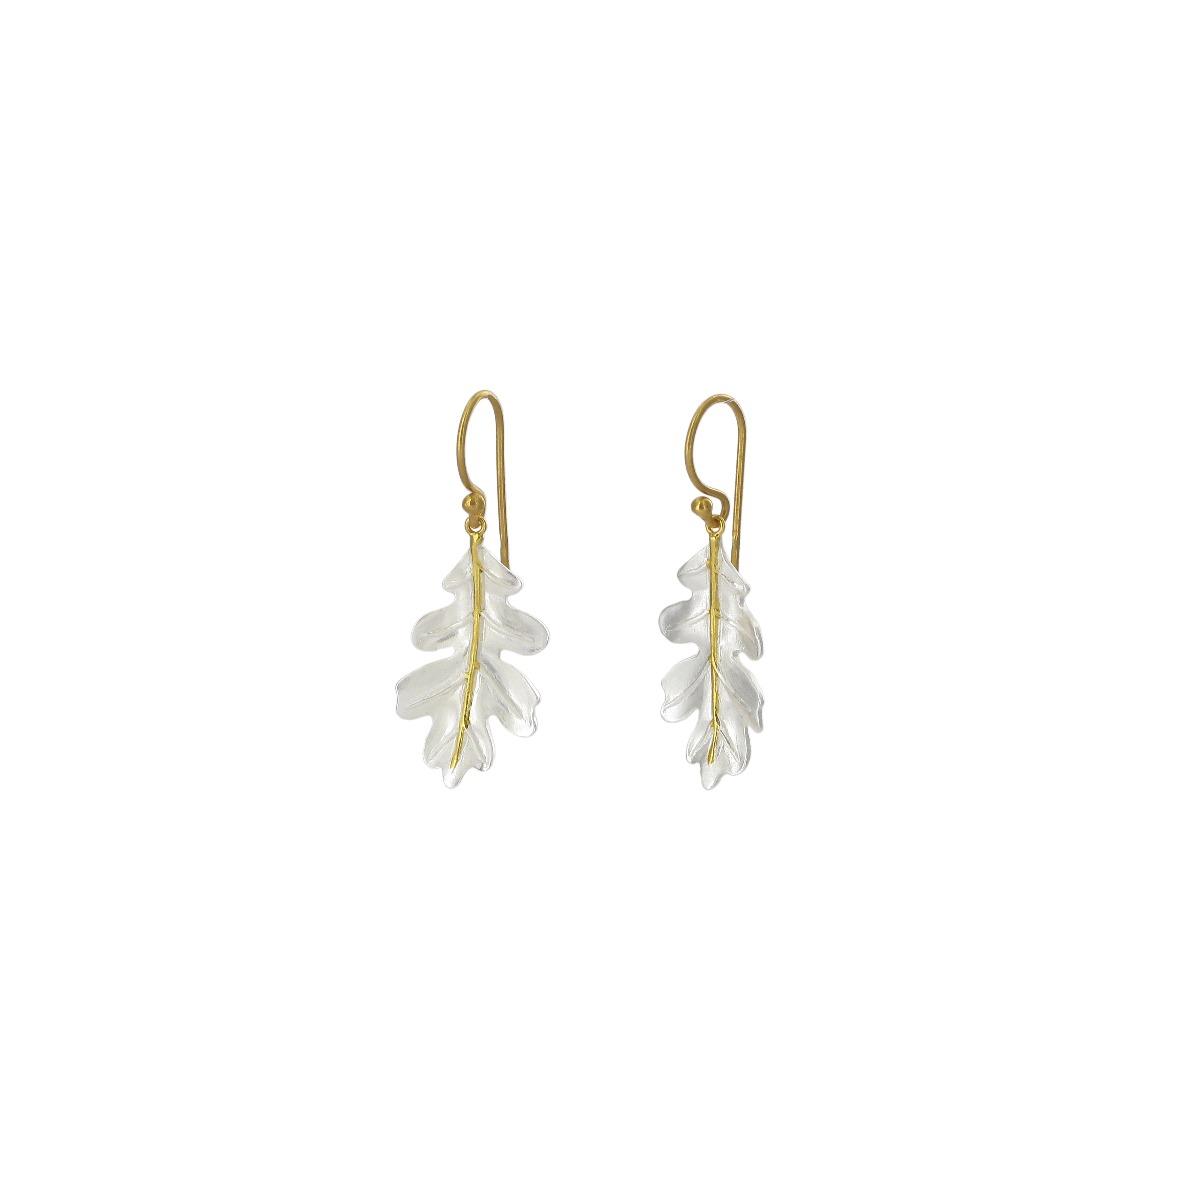 Oak leaf drop earrings